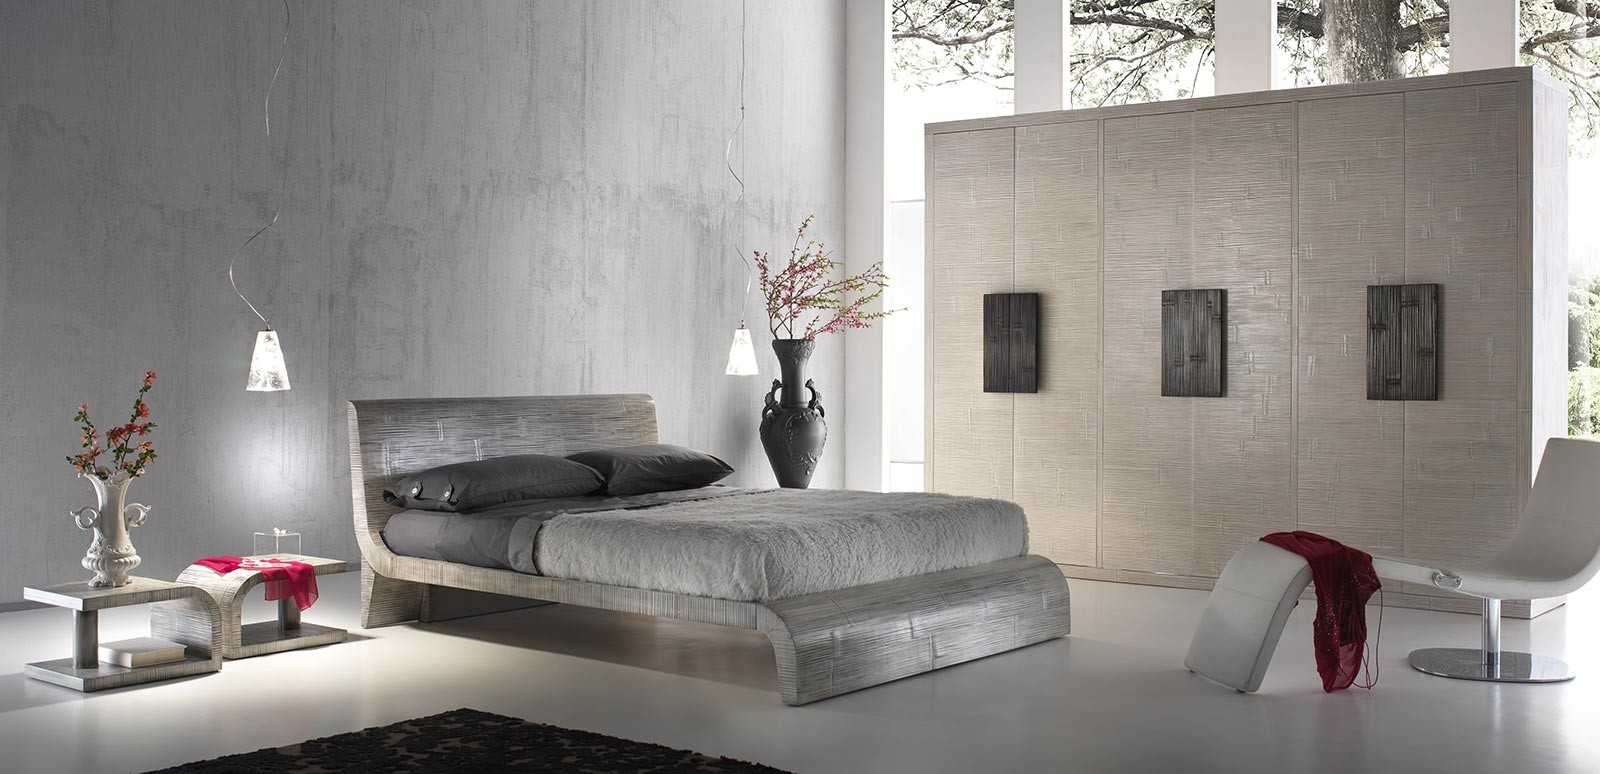 Chambre Wave, desig contemporain, matériaux exotiques